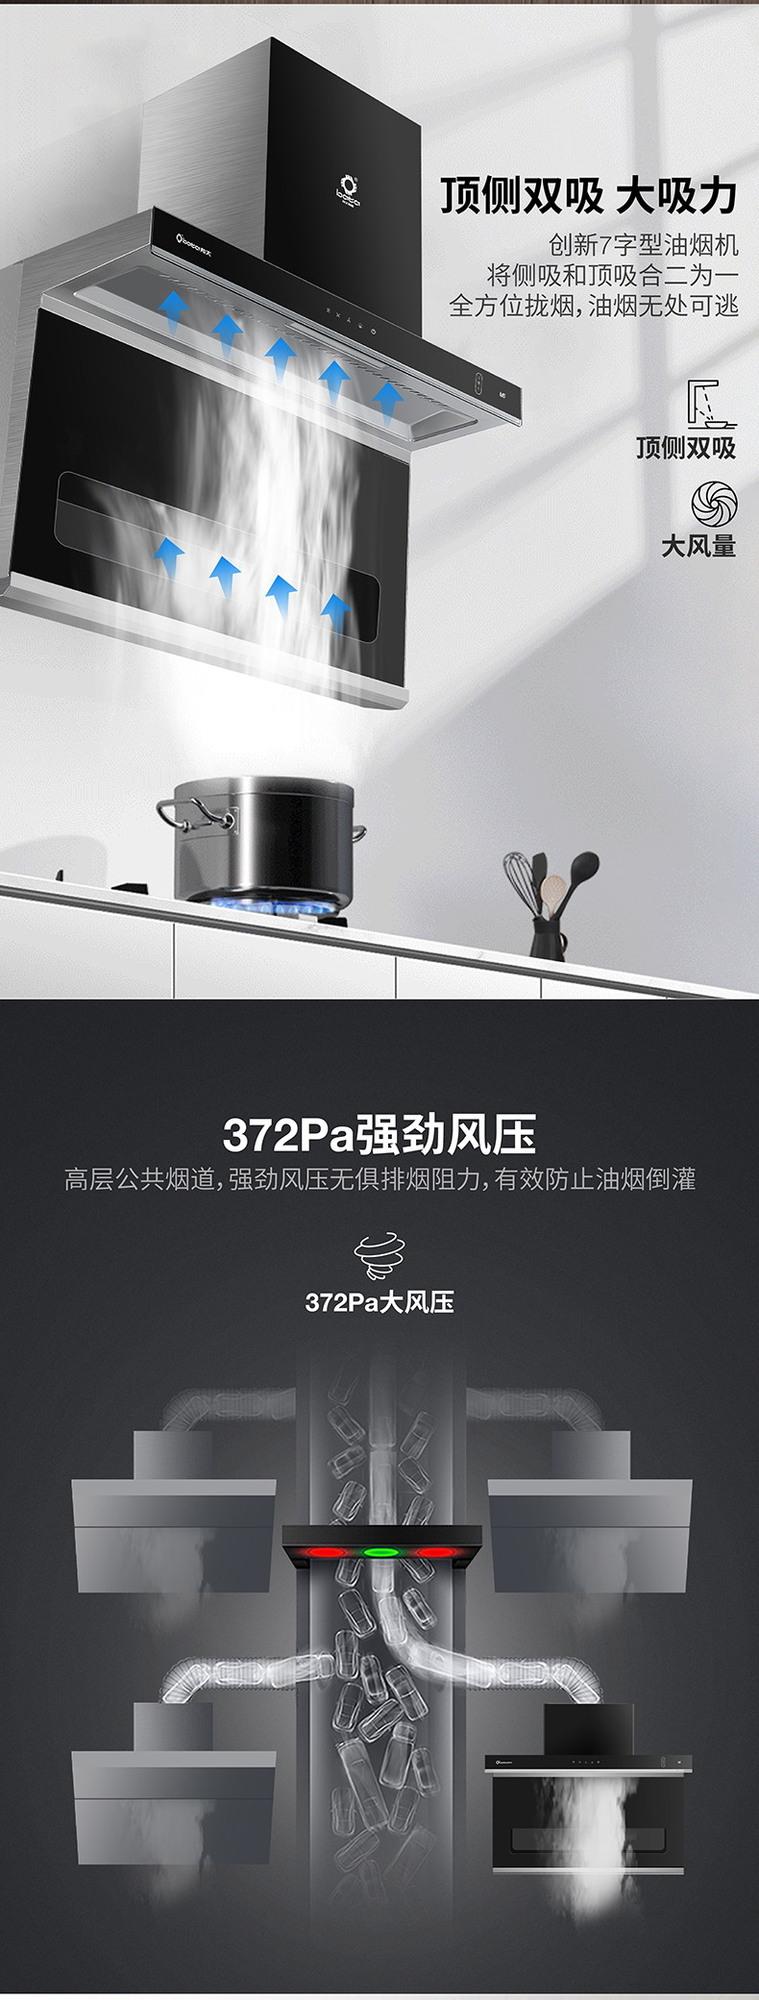 10_看圖王.jpg